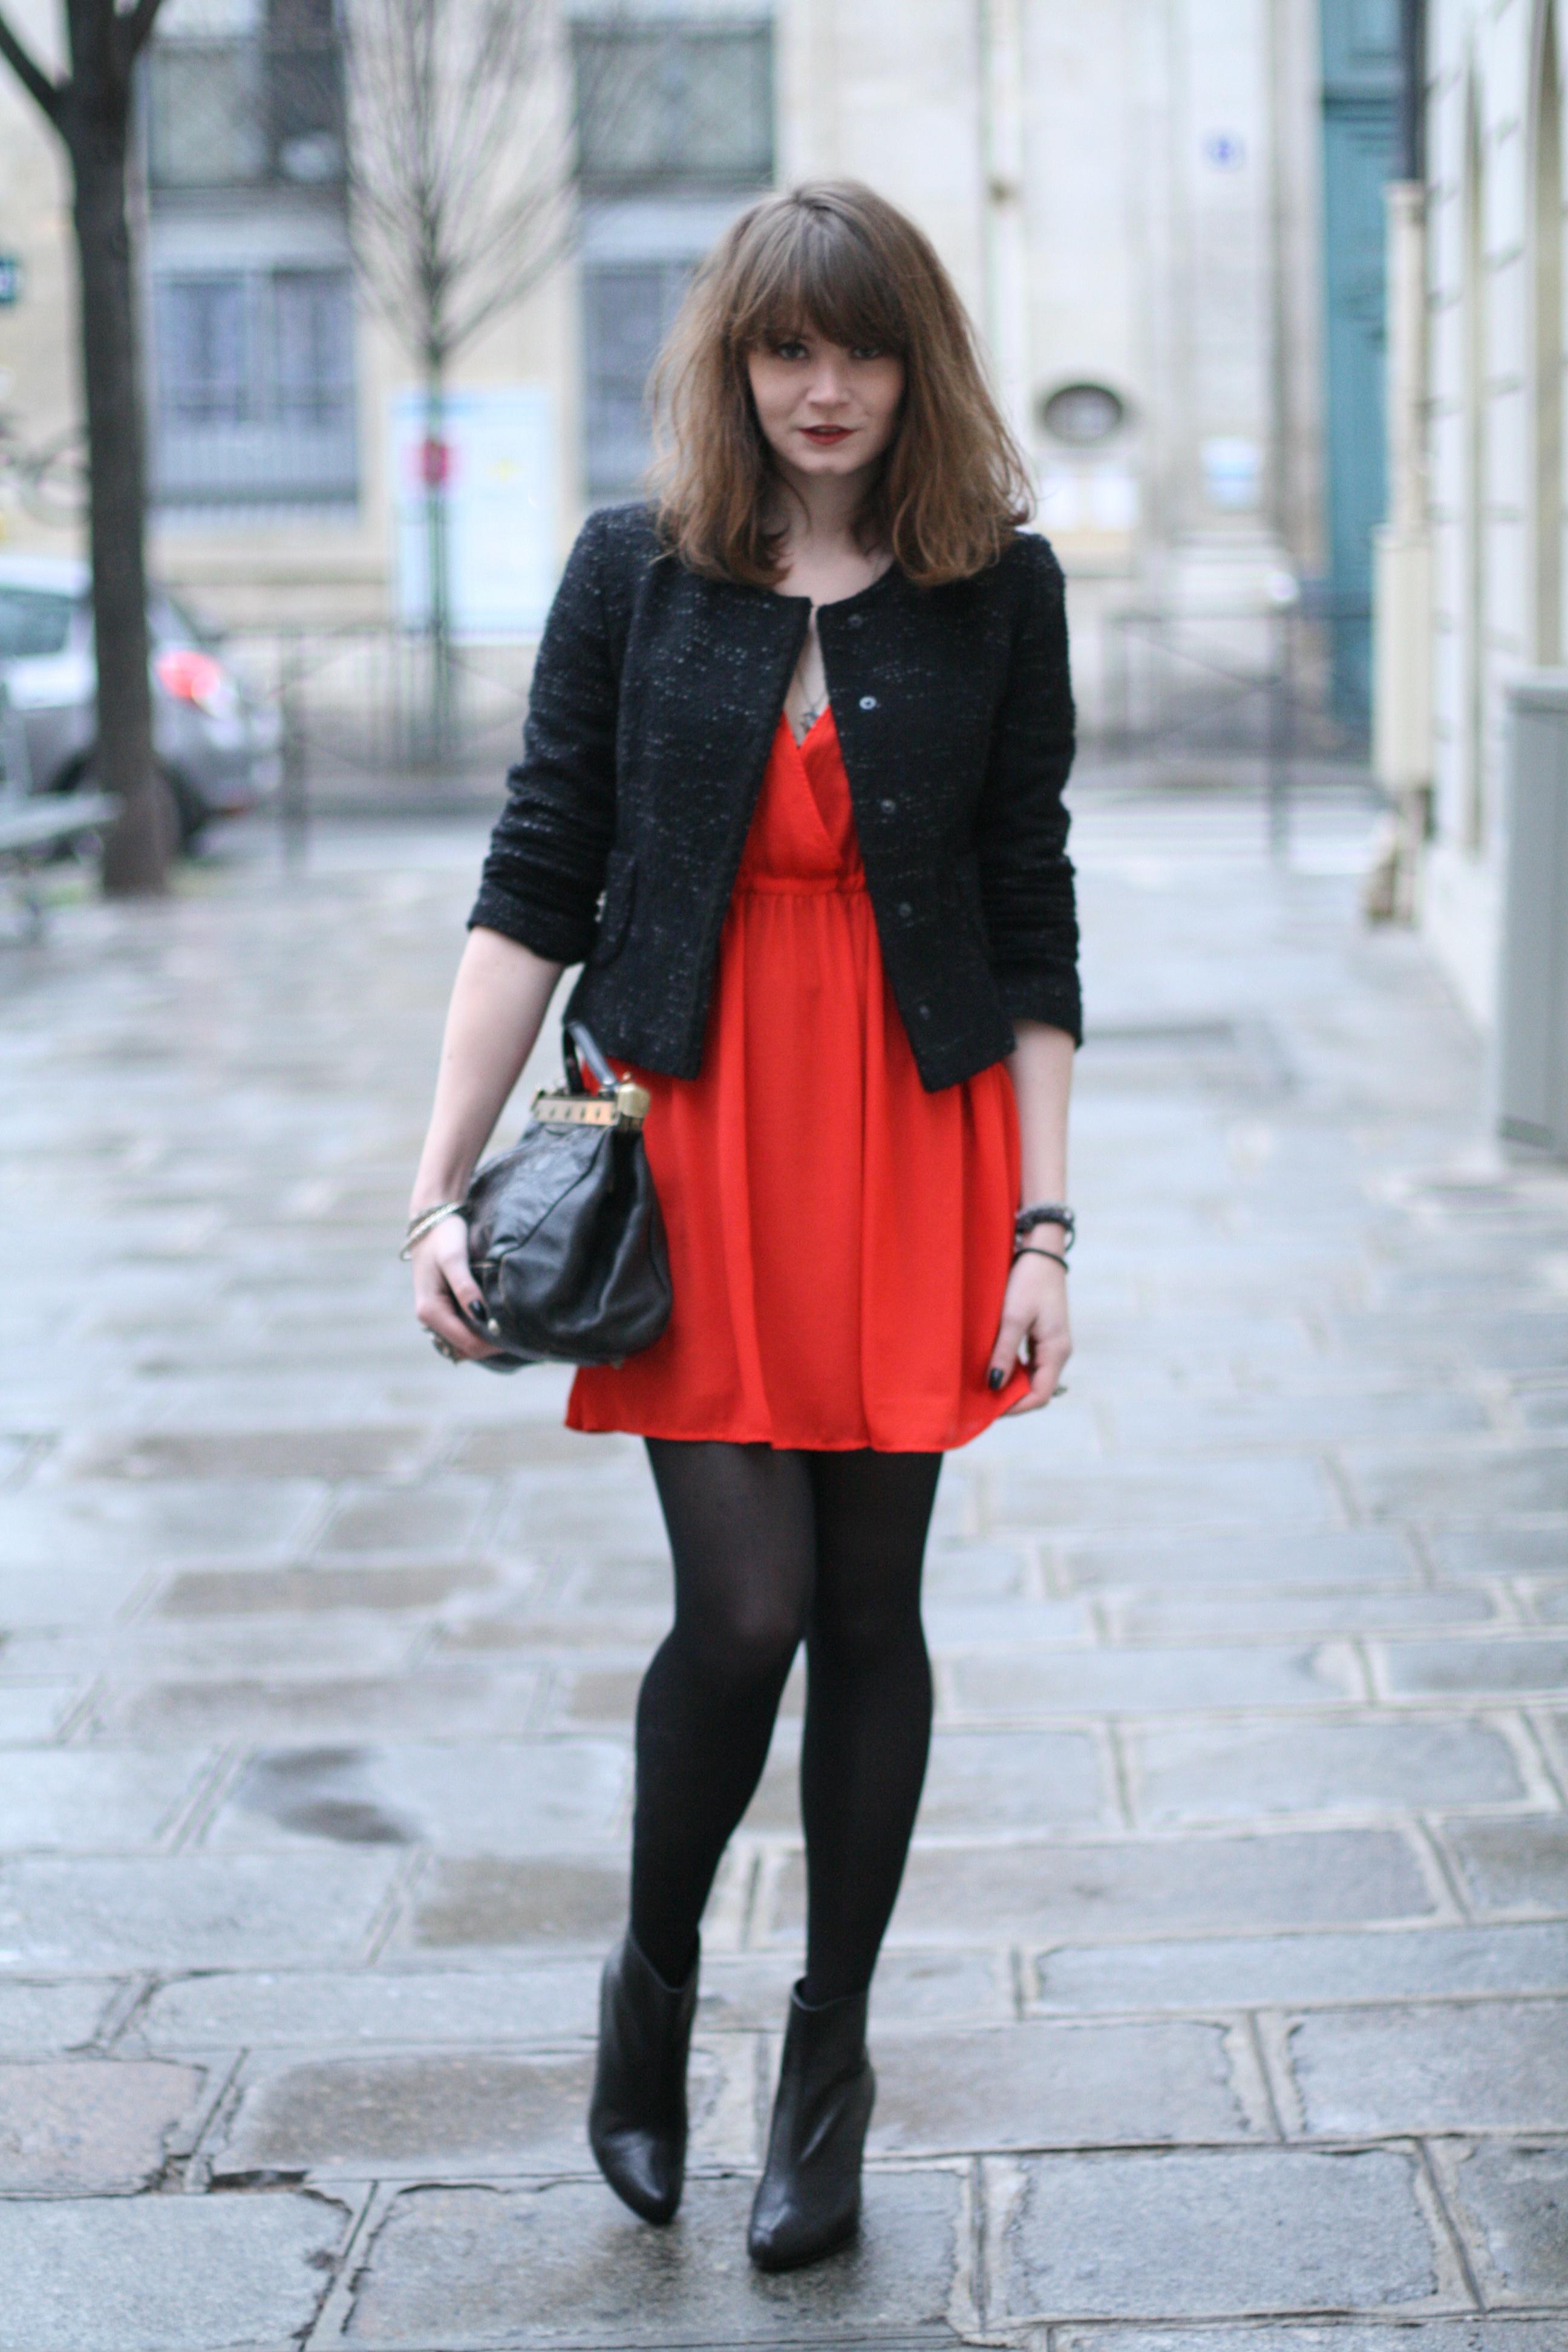 robe la mode robe rouge quelle veste. Black Bedroom Furniture Sets. Home Design Ideas